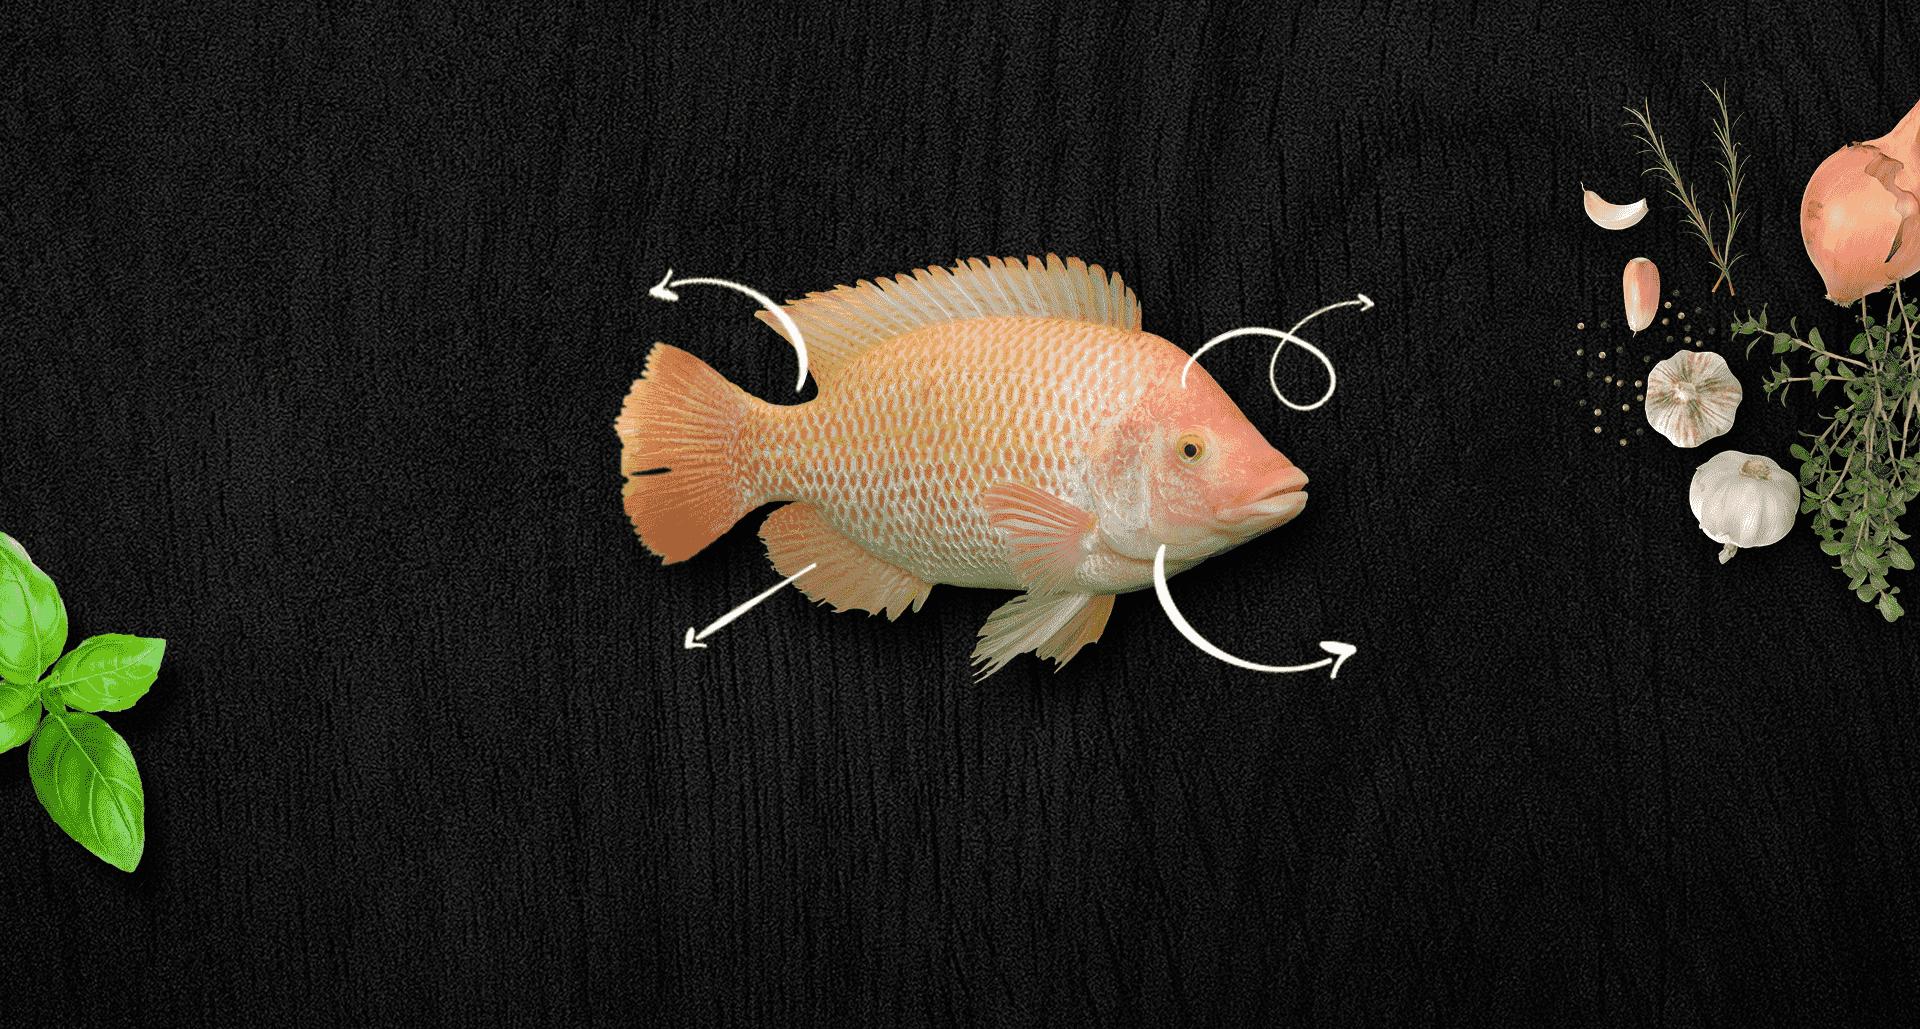 דג אדמונית